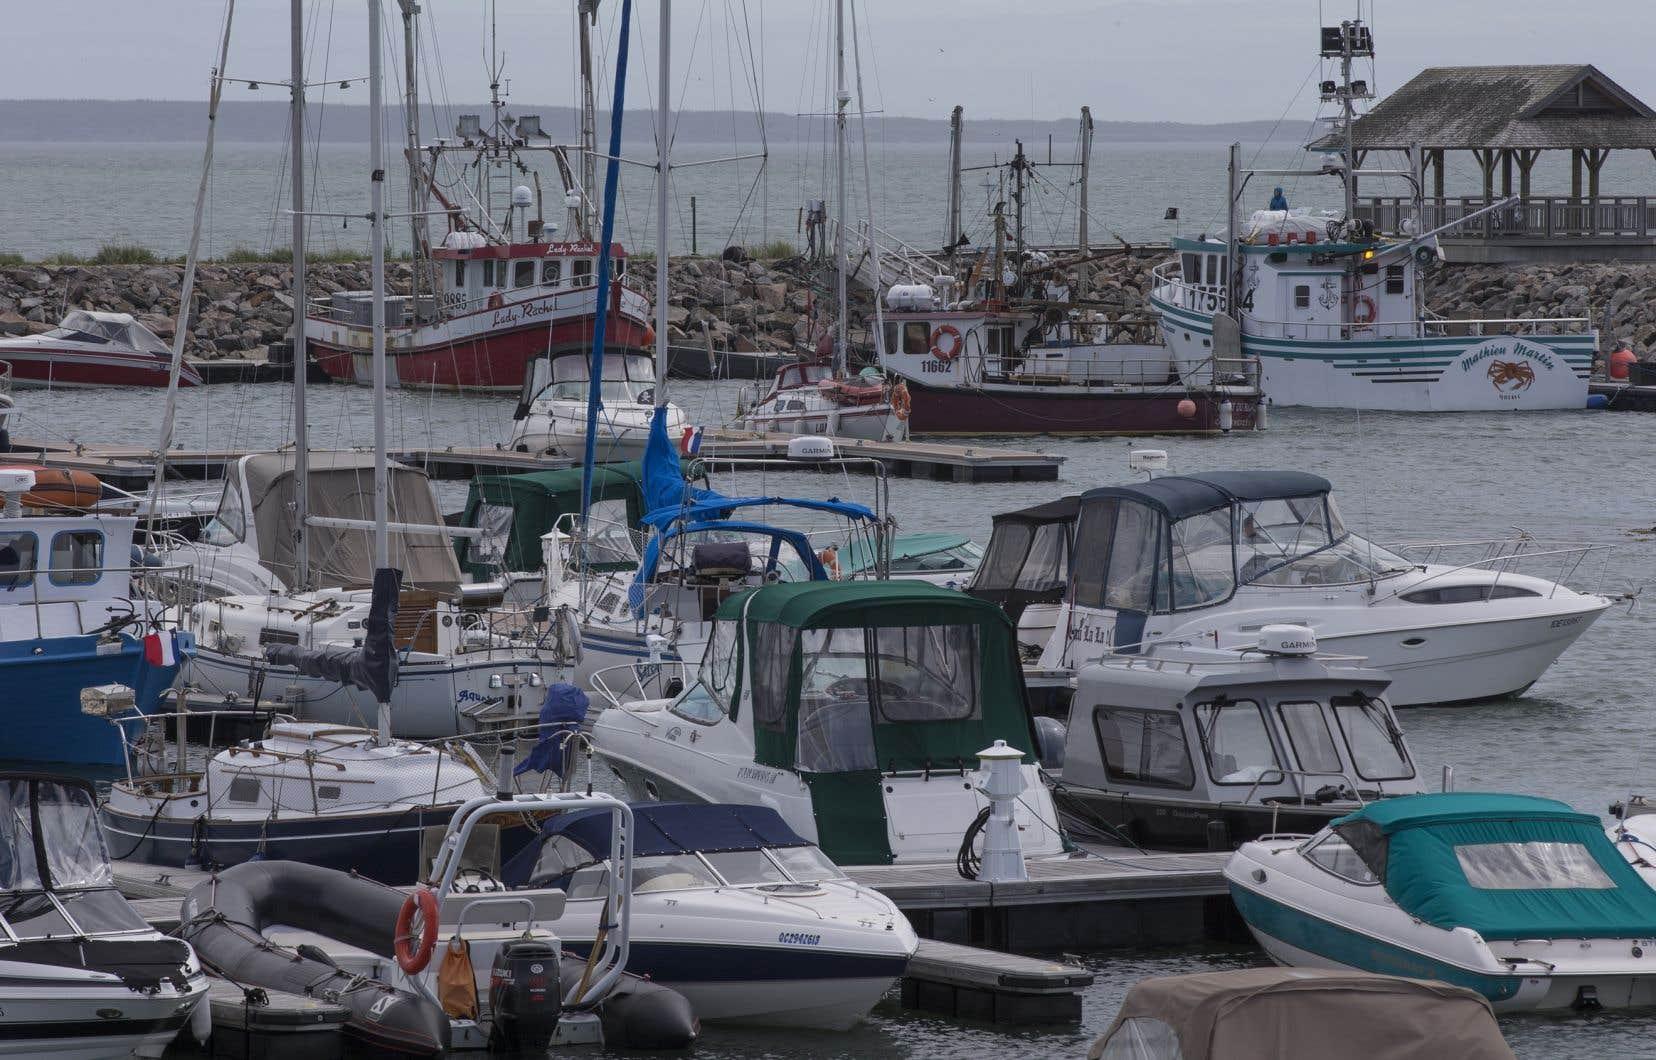 Il ne faut surtout pas faciliter l'accès des plans d'eau publics aux bateaux de plaisance, selon l'auteur.